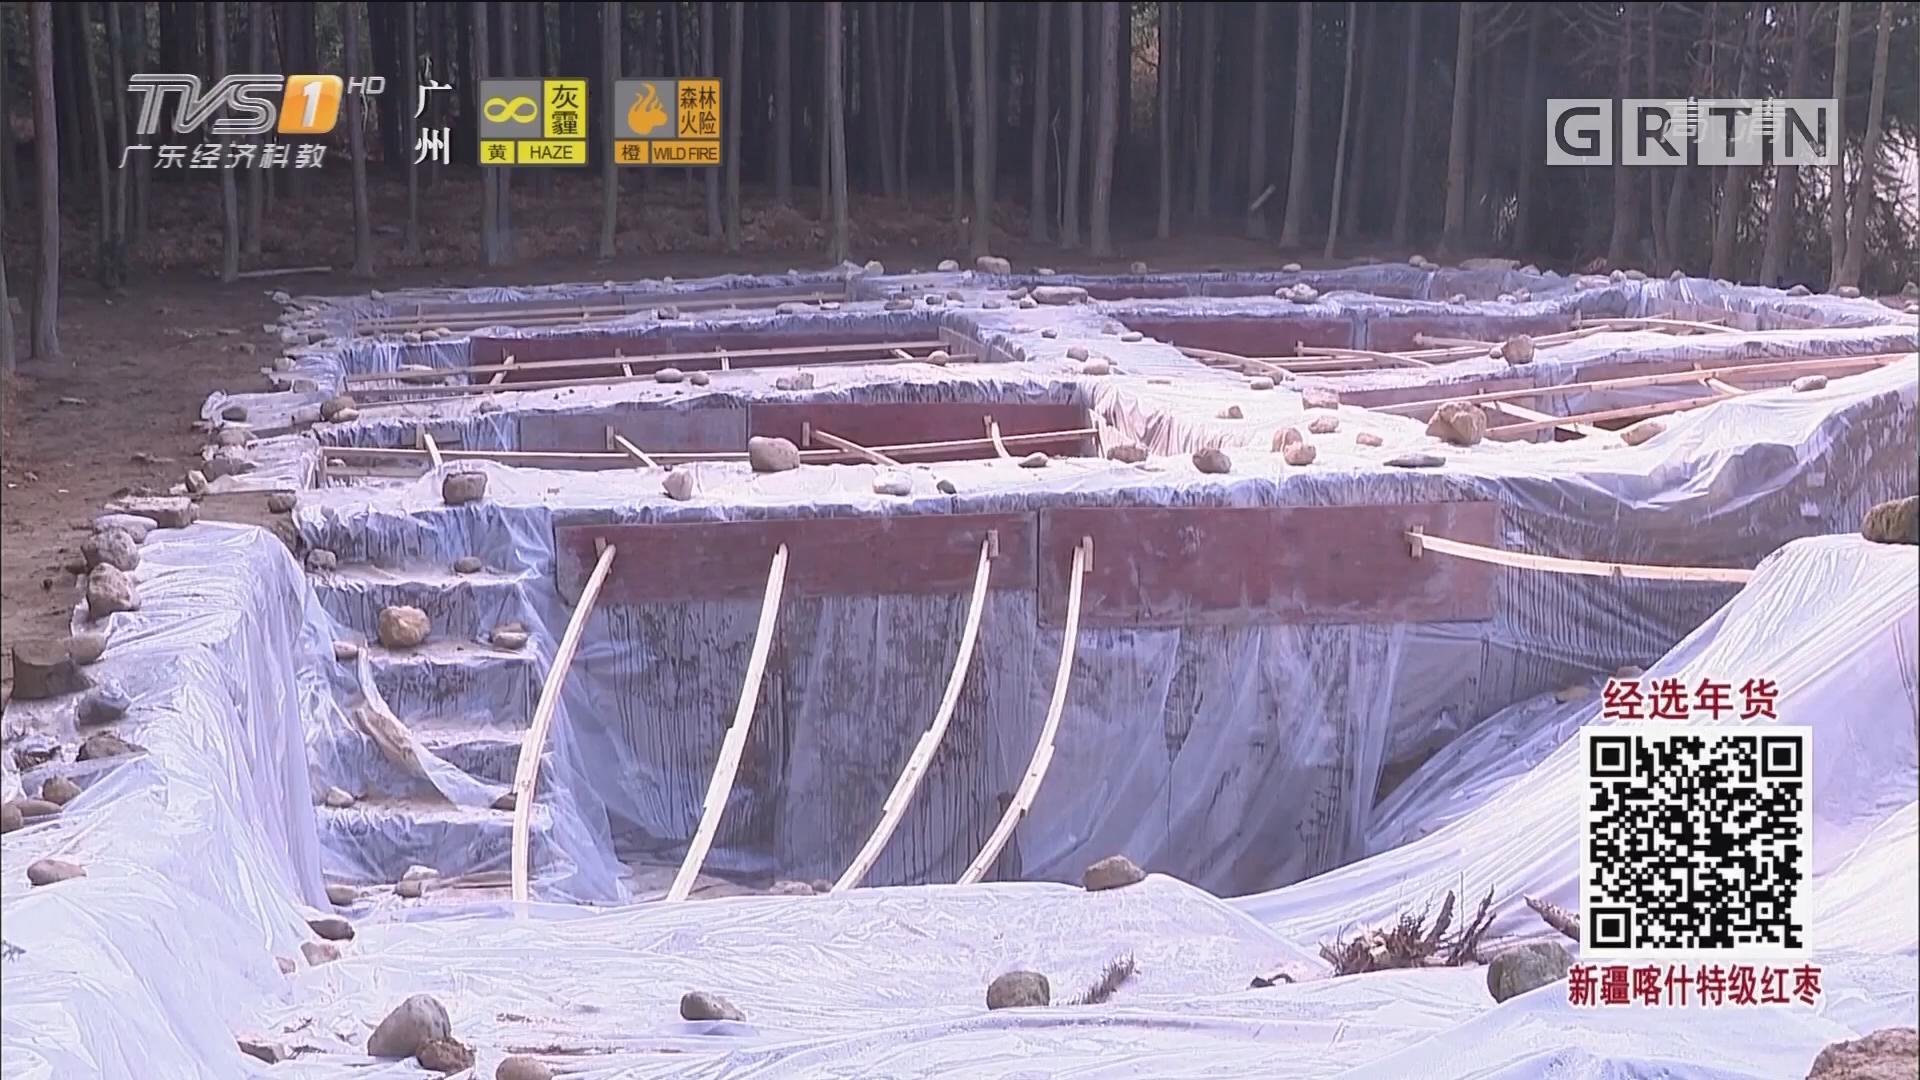 江西发现一新石器时代晚期环壕聚落遗址